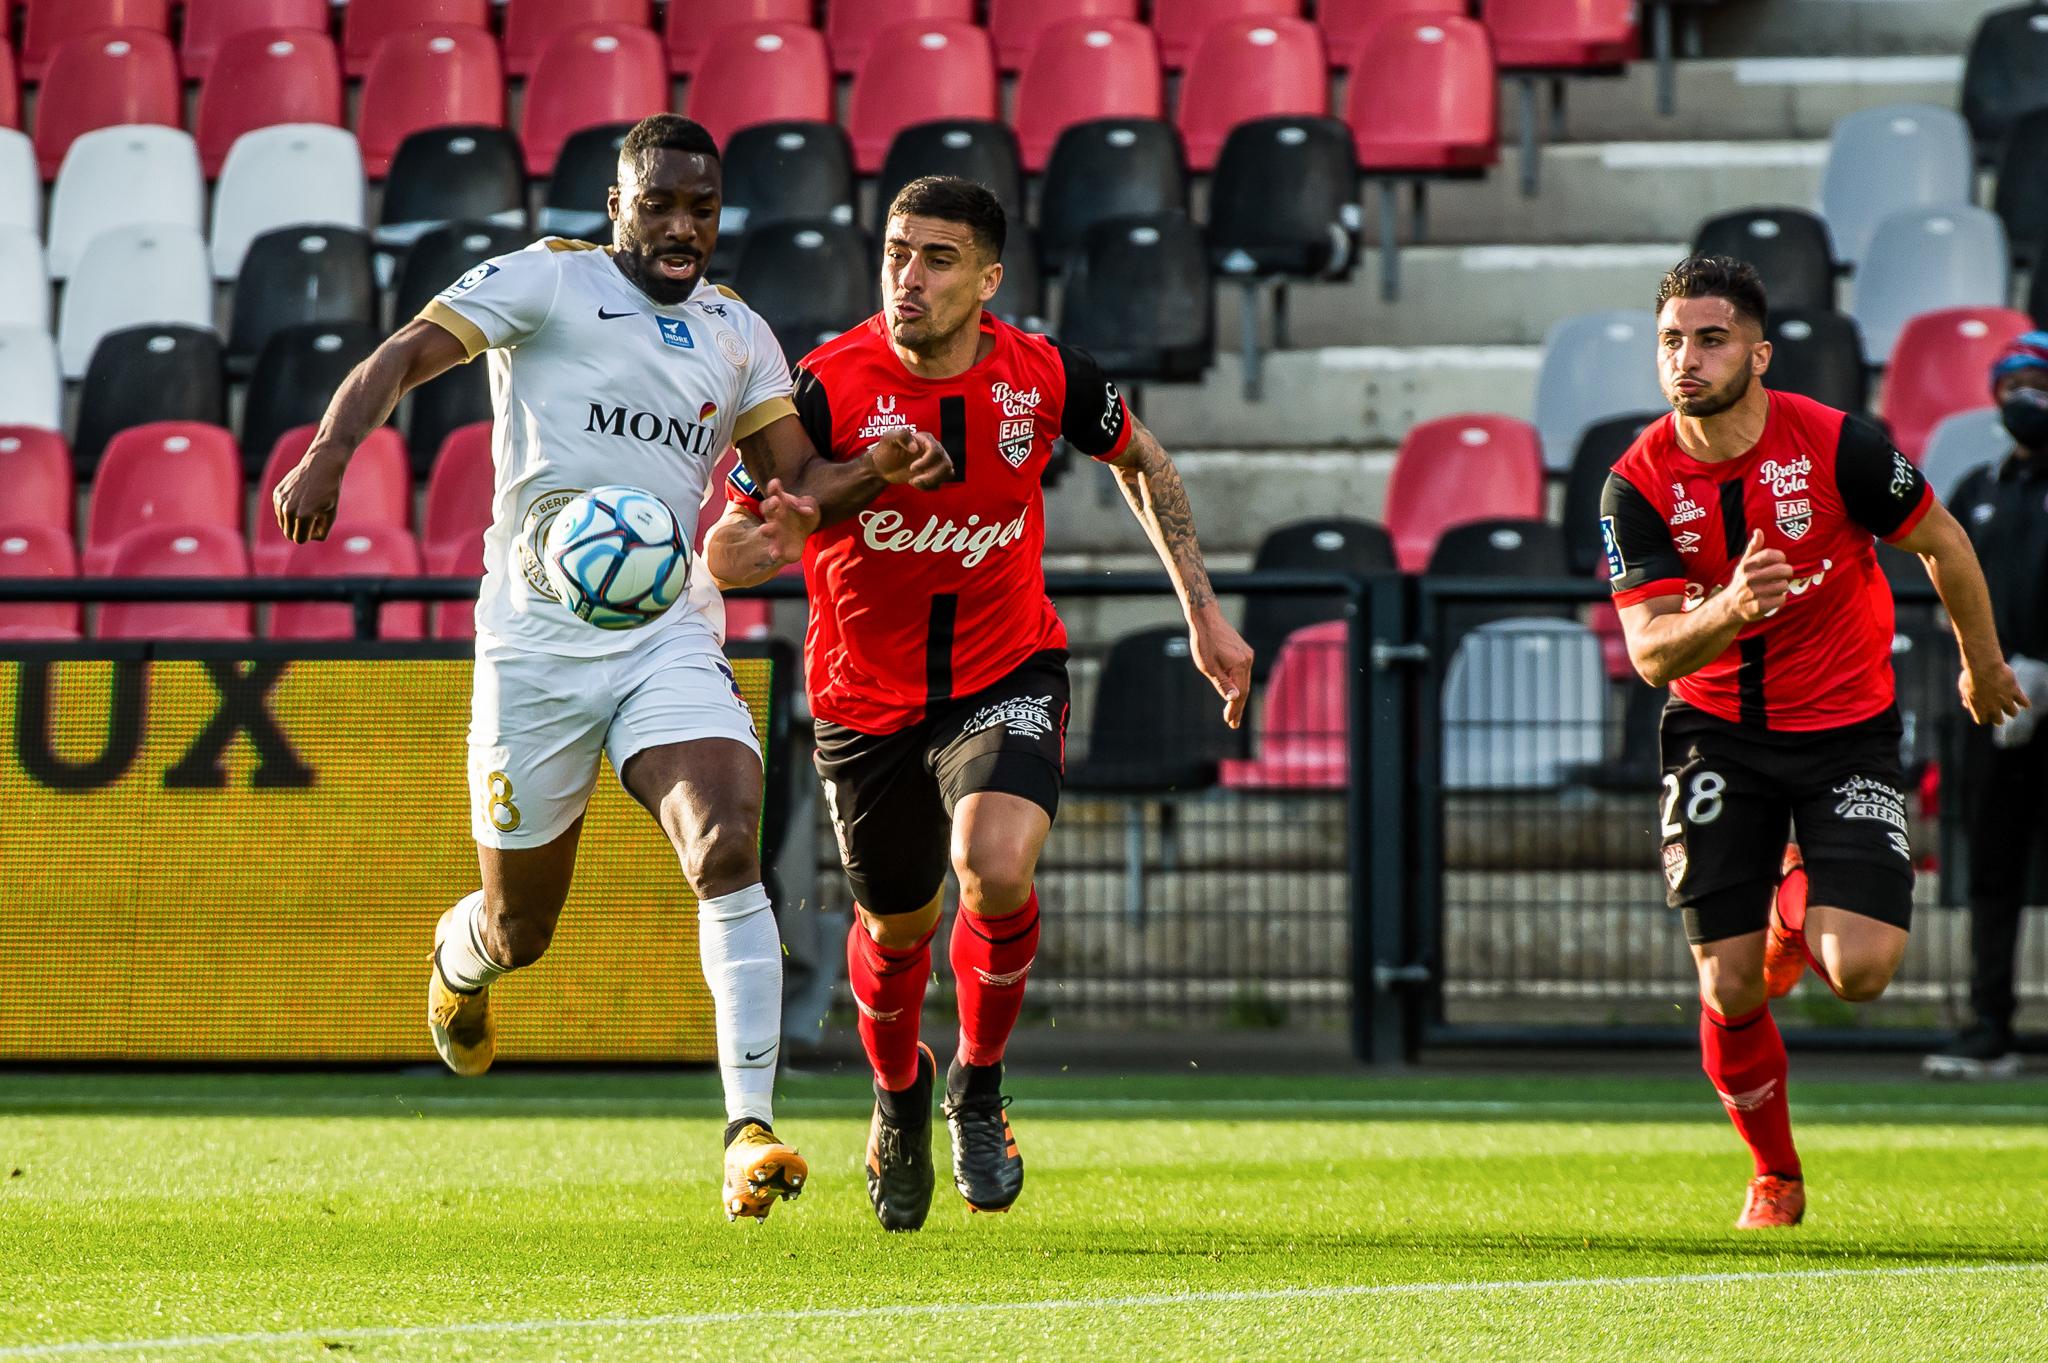 EA Guingamp La Berrichonne Châteauroux J37 Ligue 2 BKT EAGLBC 2-0 Stade de Roudourou FRA_5478